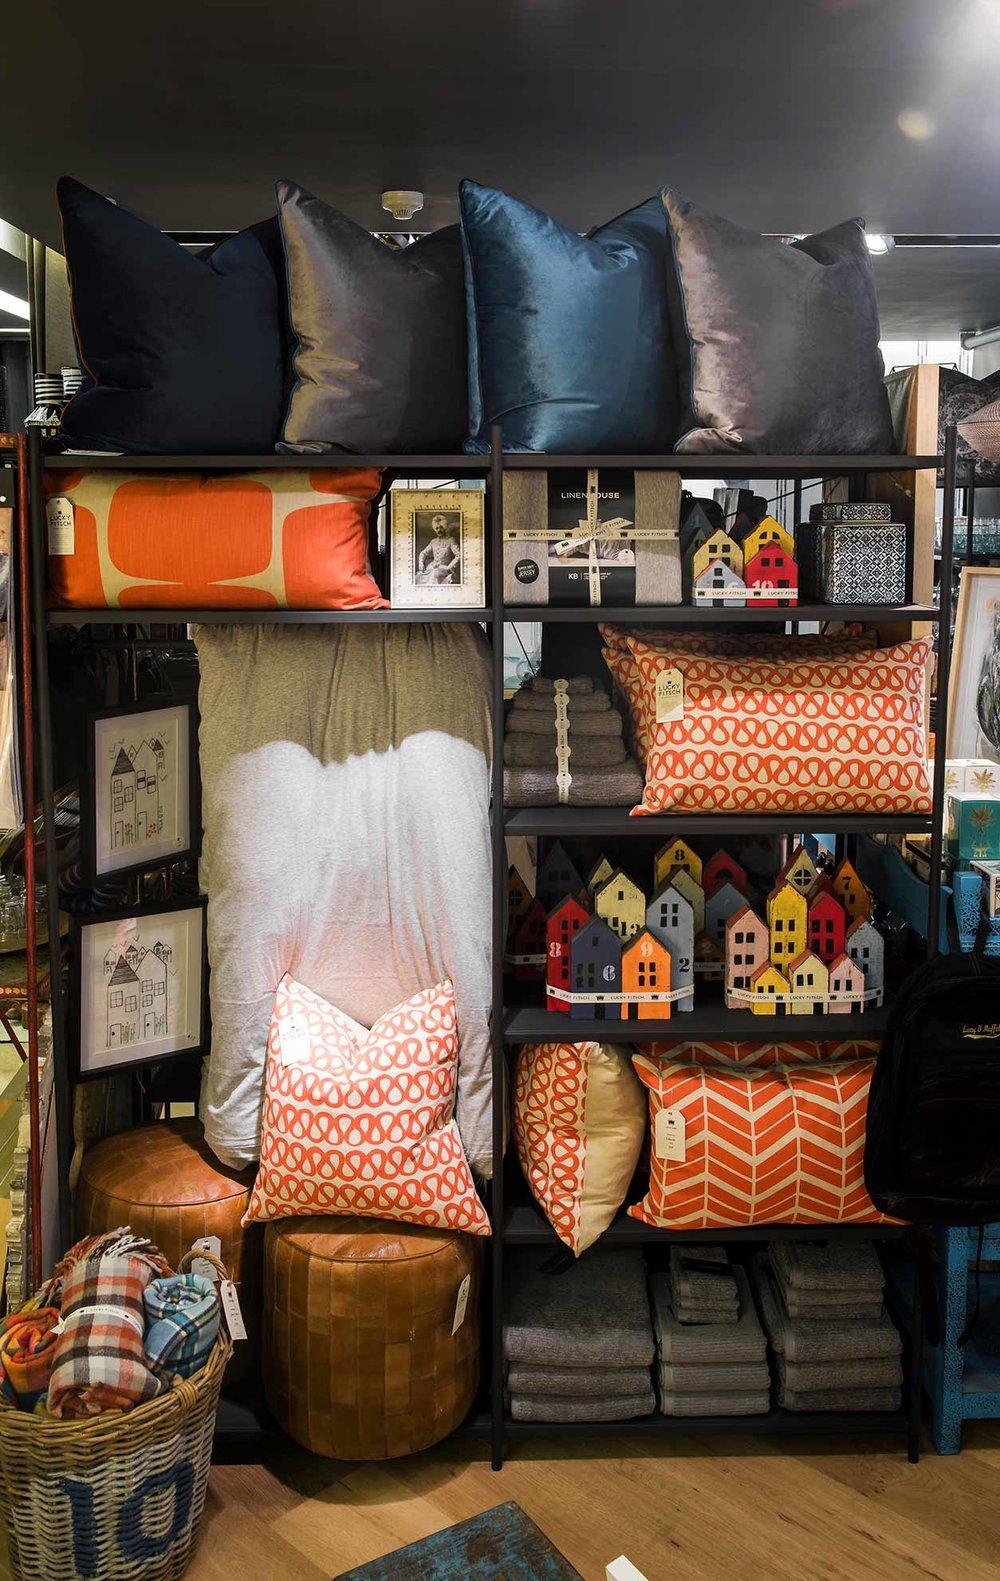 Lucky-fitsch-store-decor-cushions.jpg